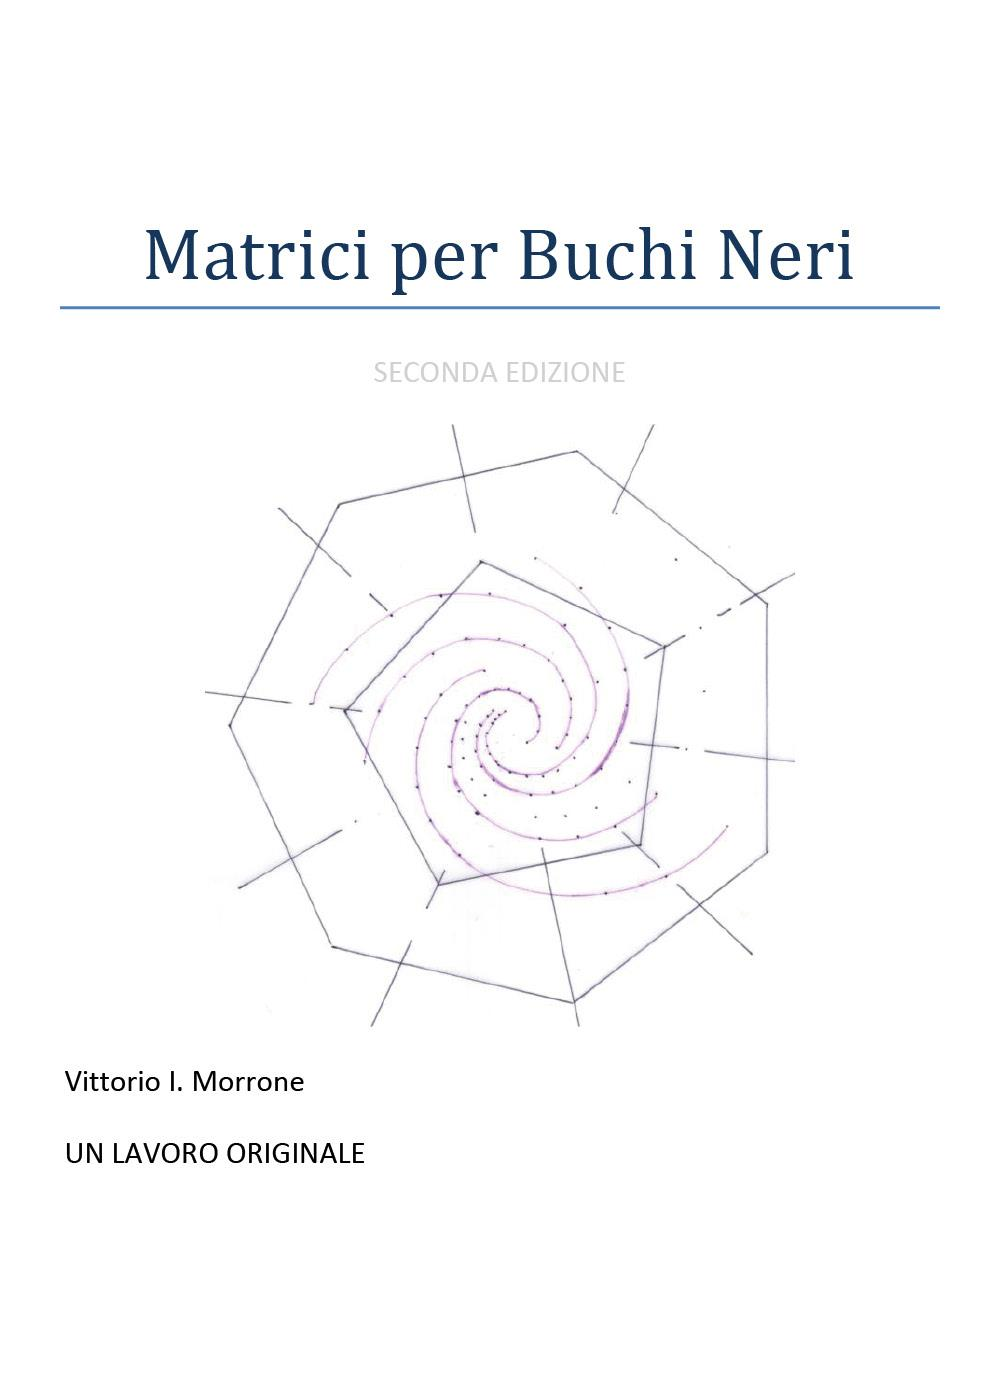 Matrici per Buchi Neri